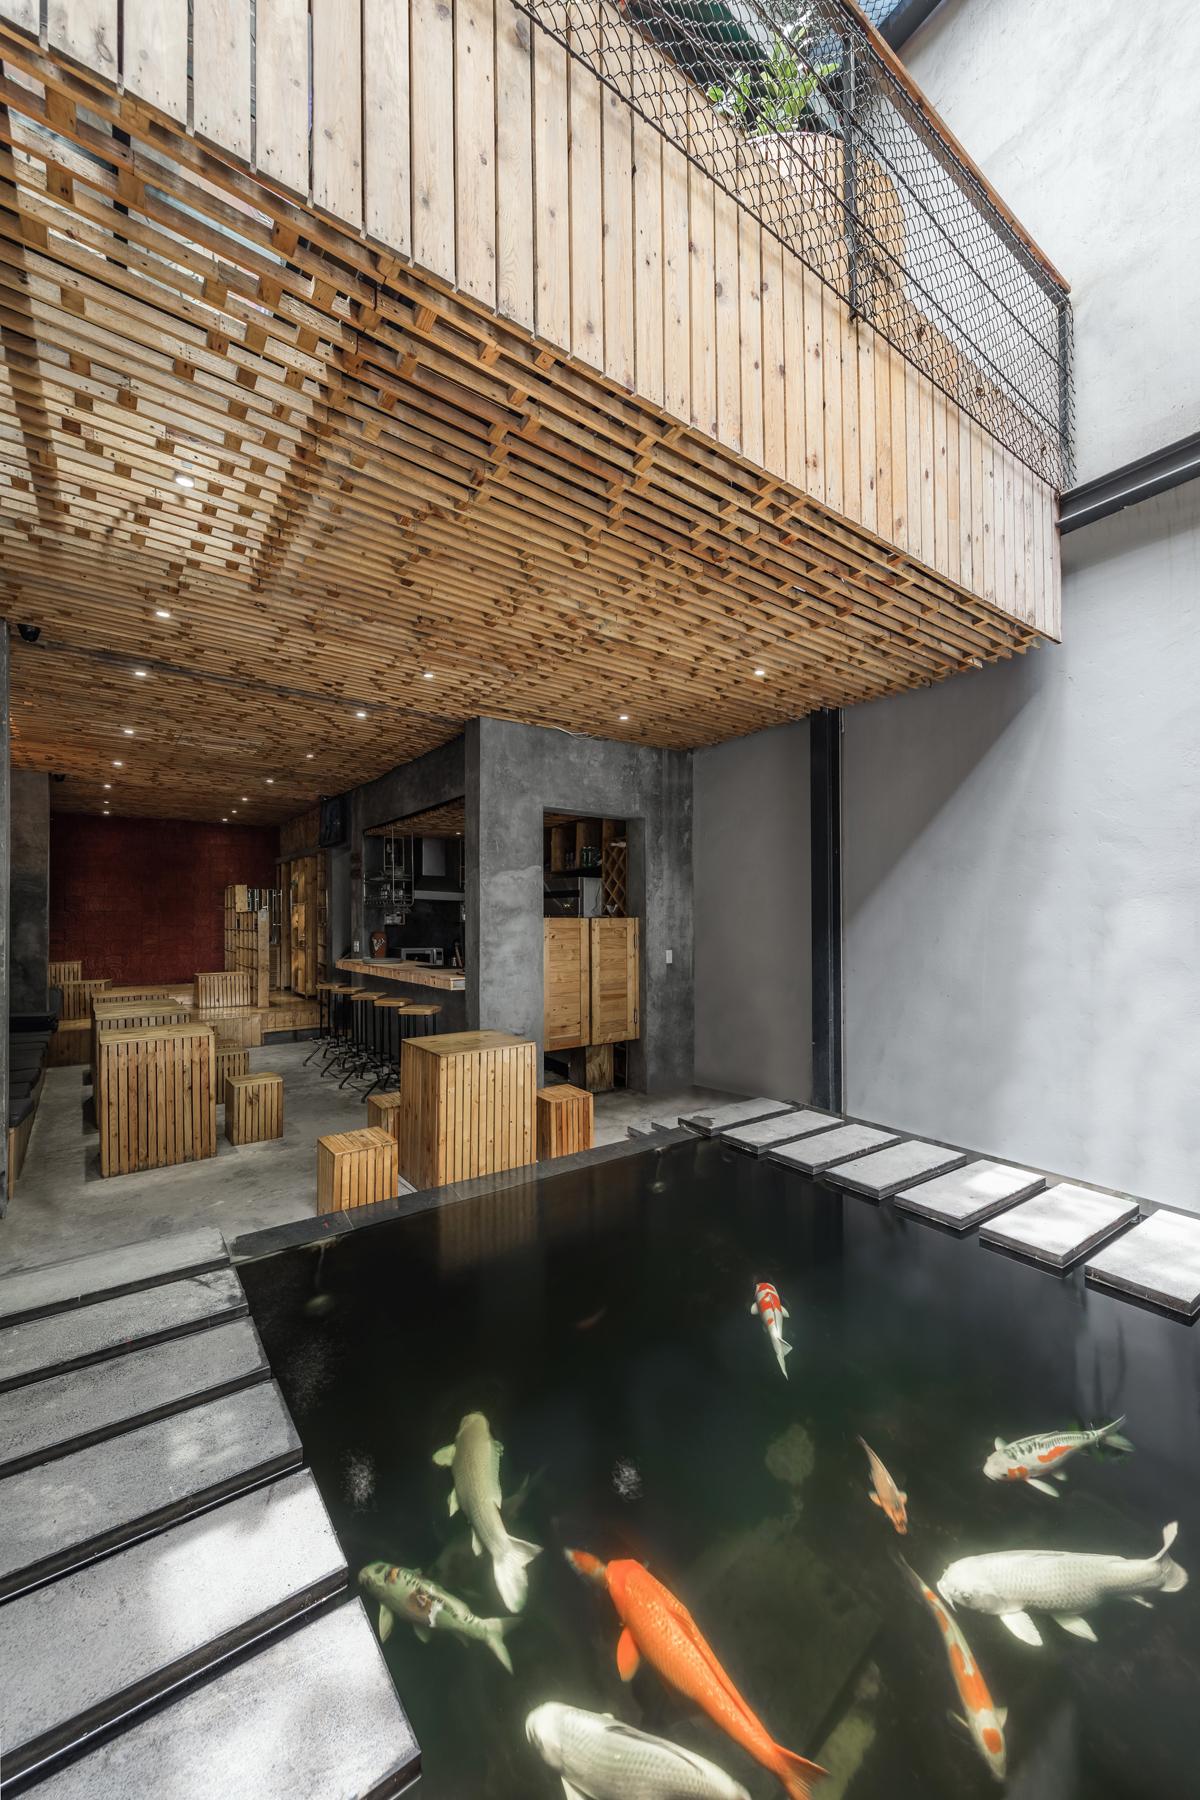 Koi fish in café aquarium